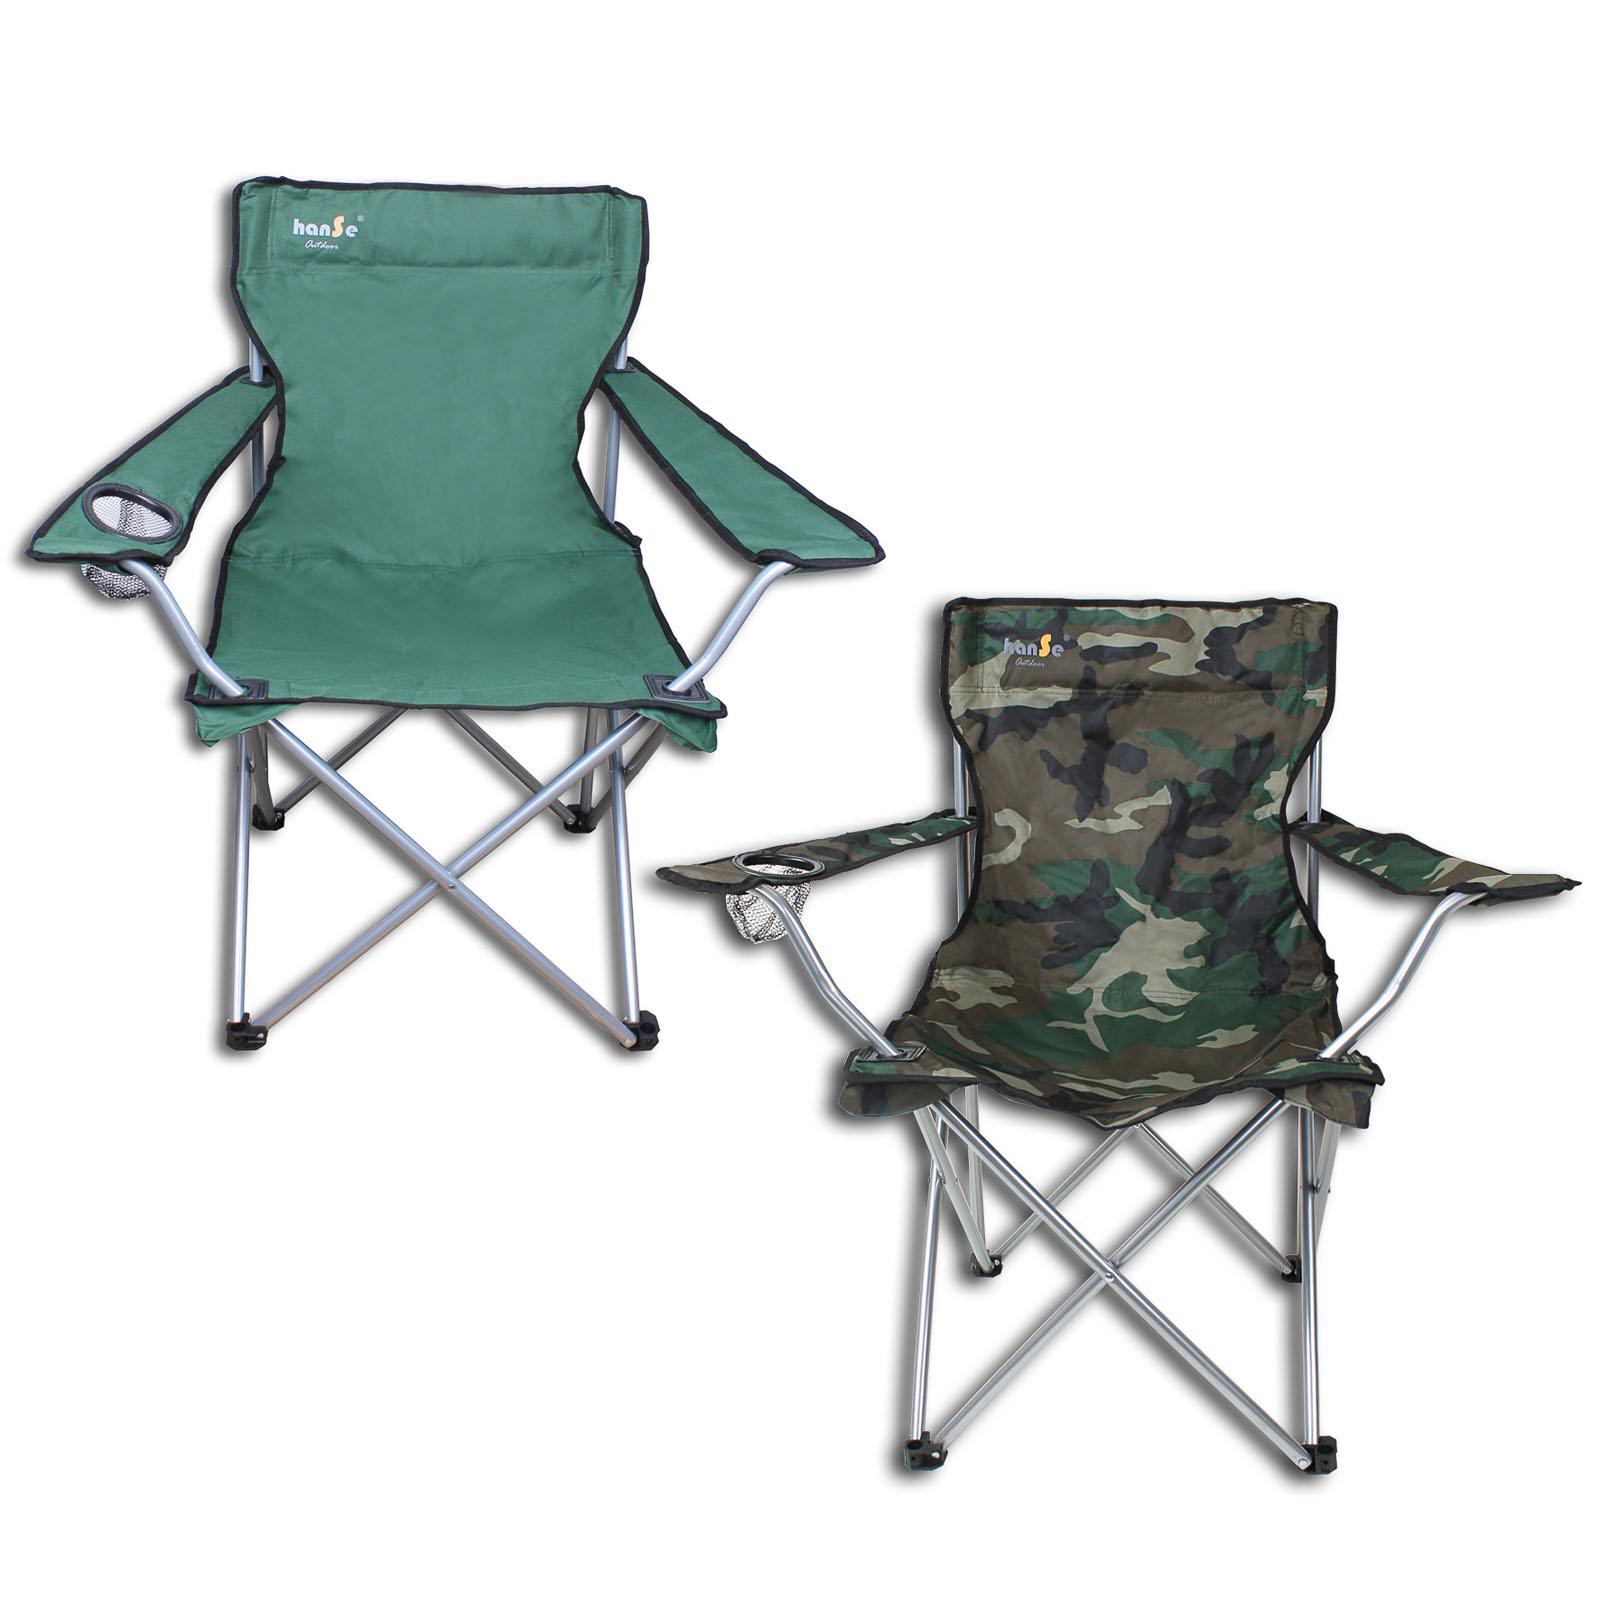 Chaise Pliante De Camping Jusqua 100kg Vert Ou Camouflage